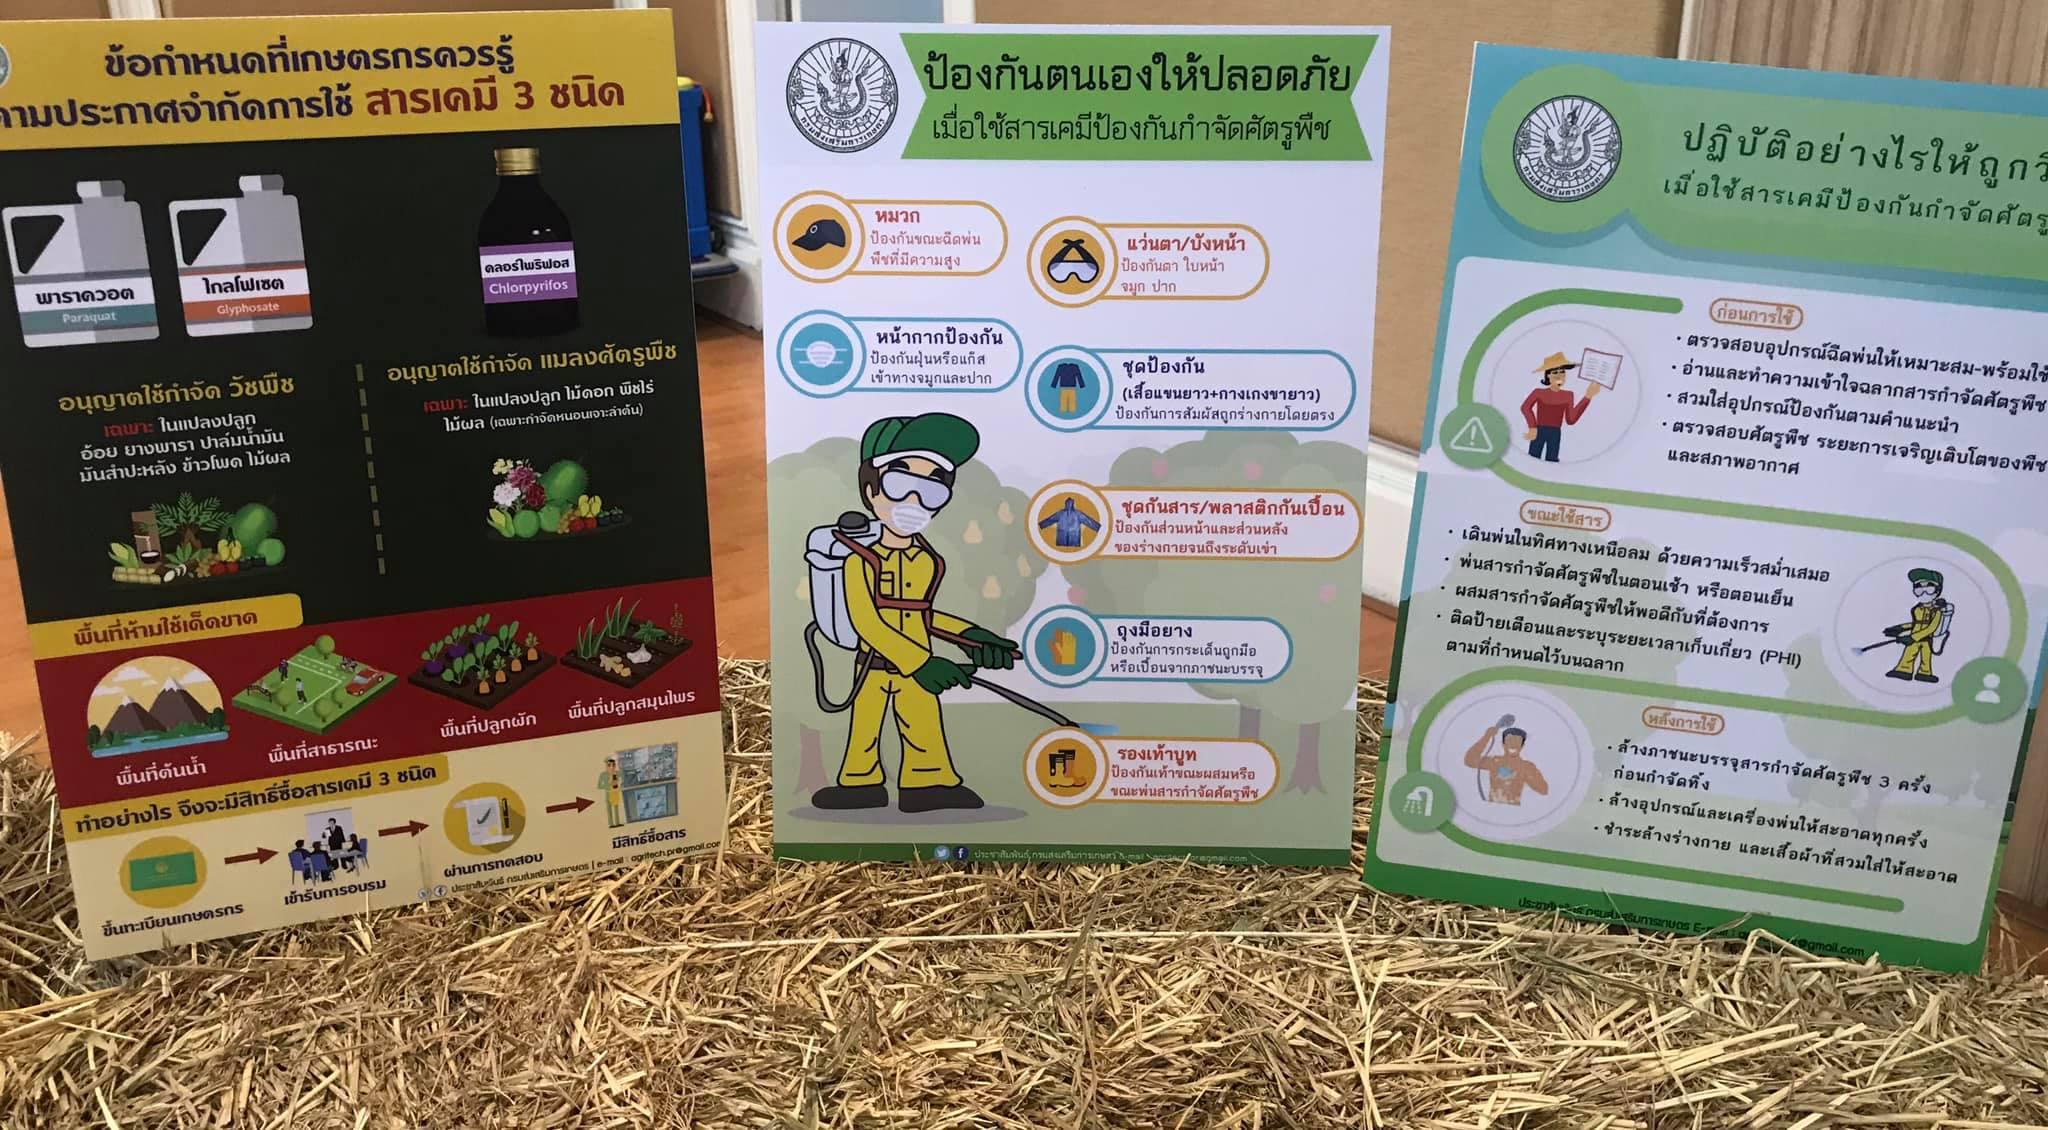 เกษตรกรผู้ประสงค์ใช้ สารเคมี 3 สาร